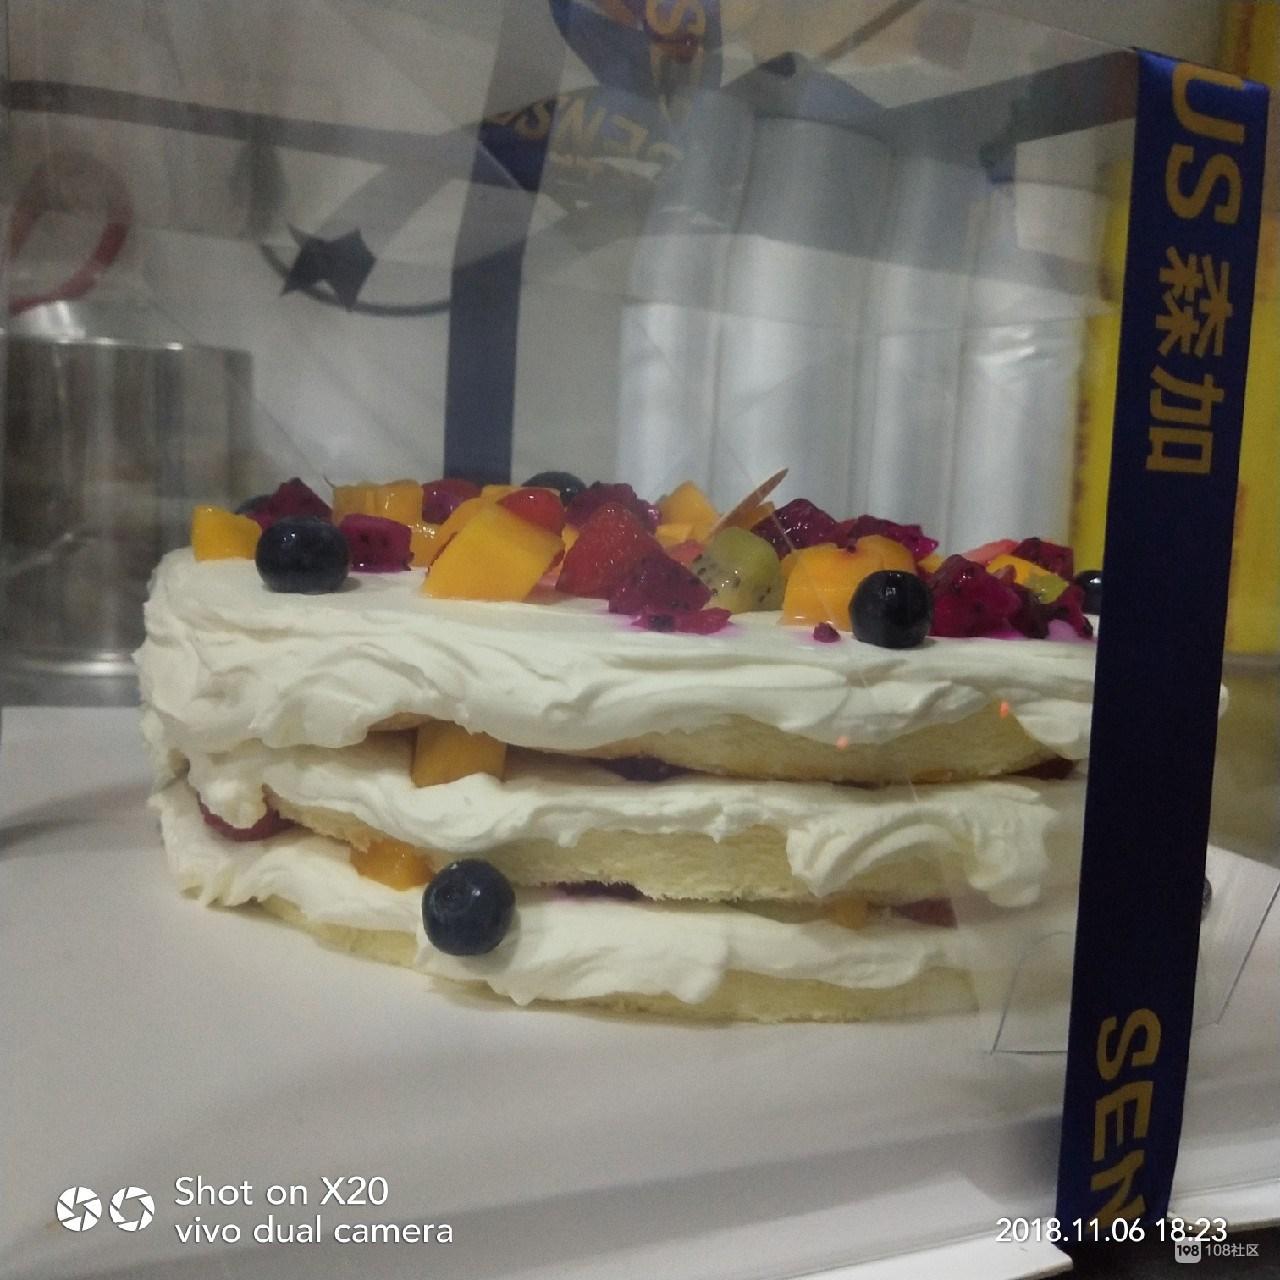 火大!298元的蛋糕是这个样子?商家回复我:蛋糕师新来的